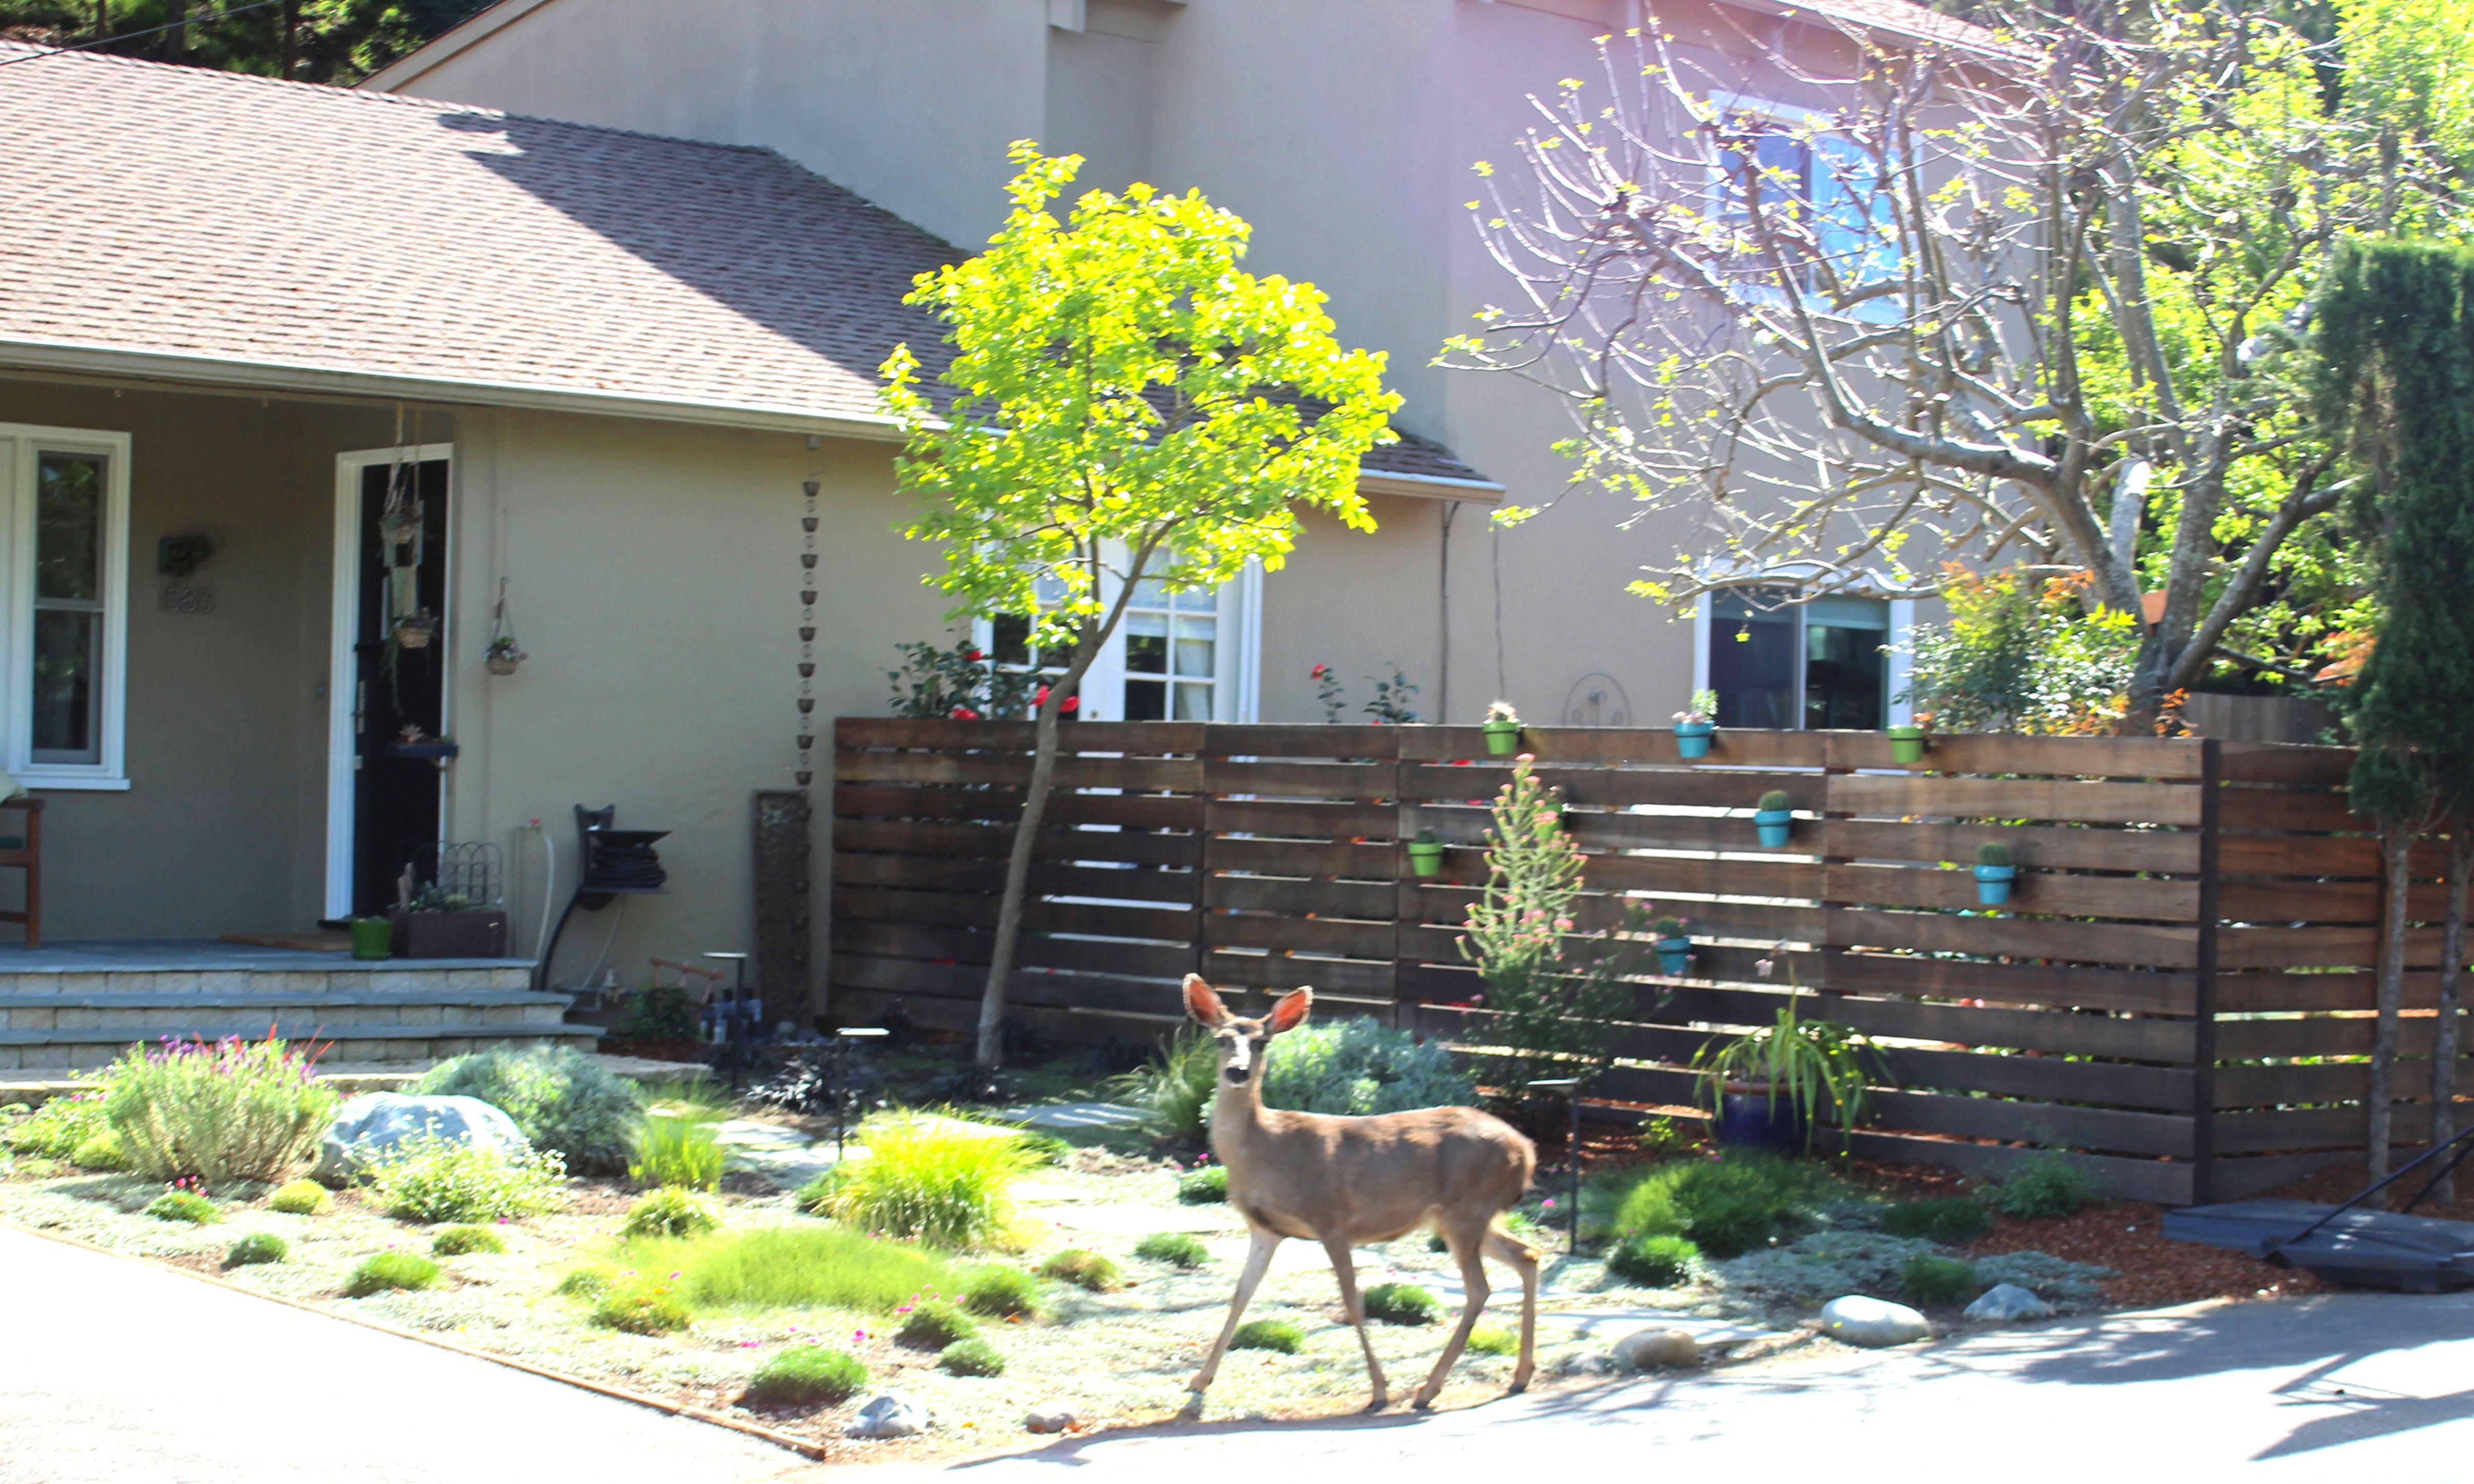 Frontyard with Deer